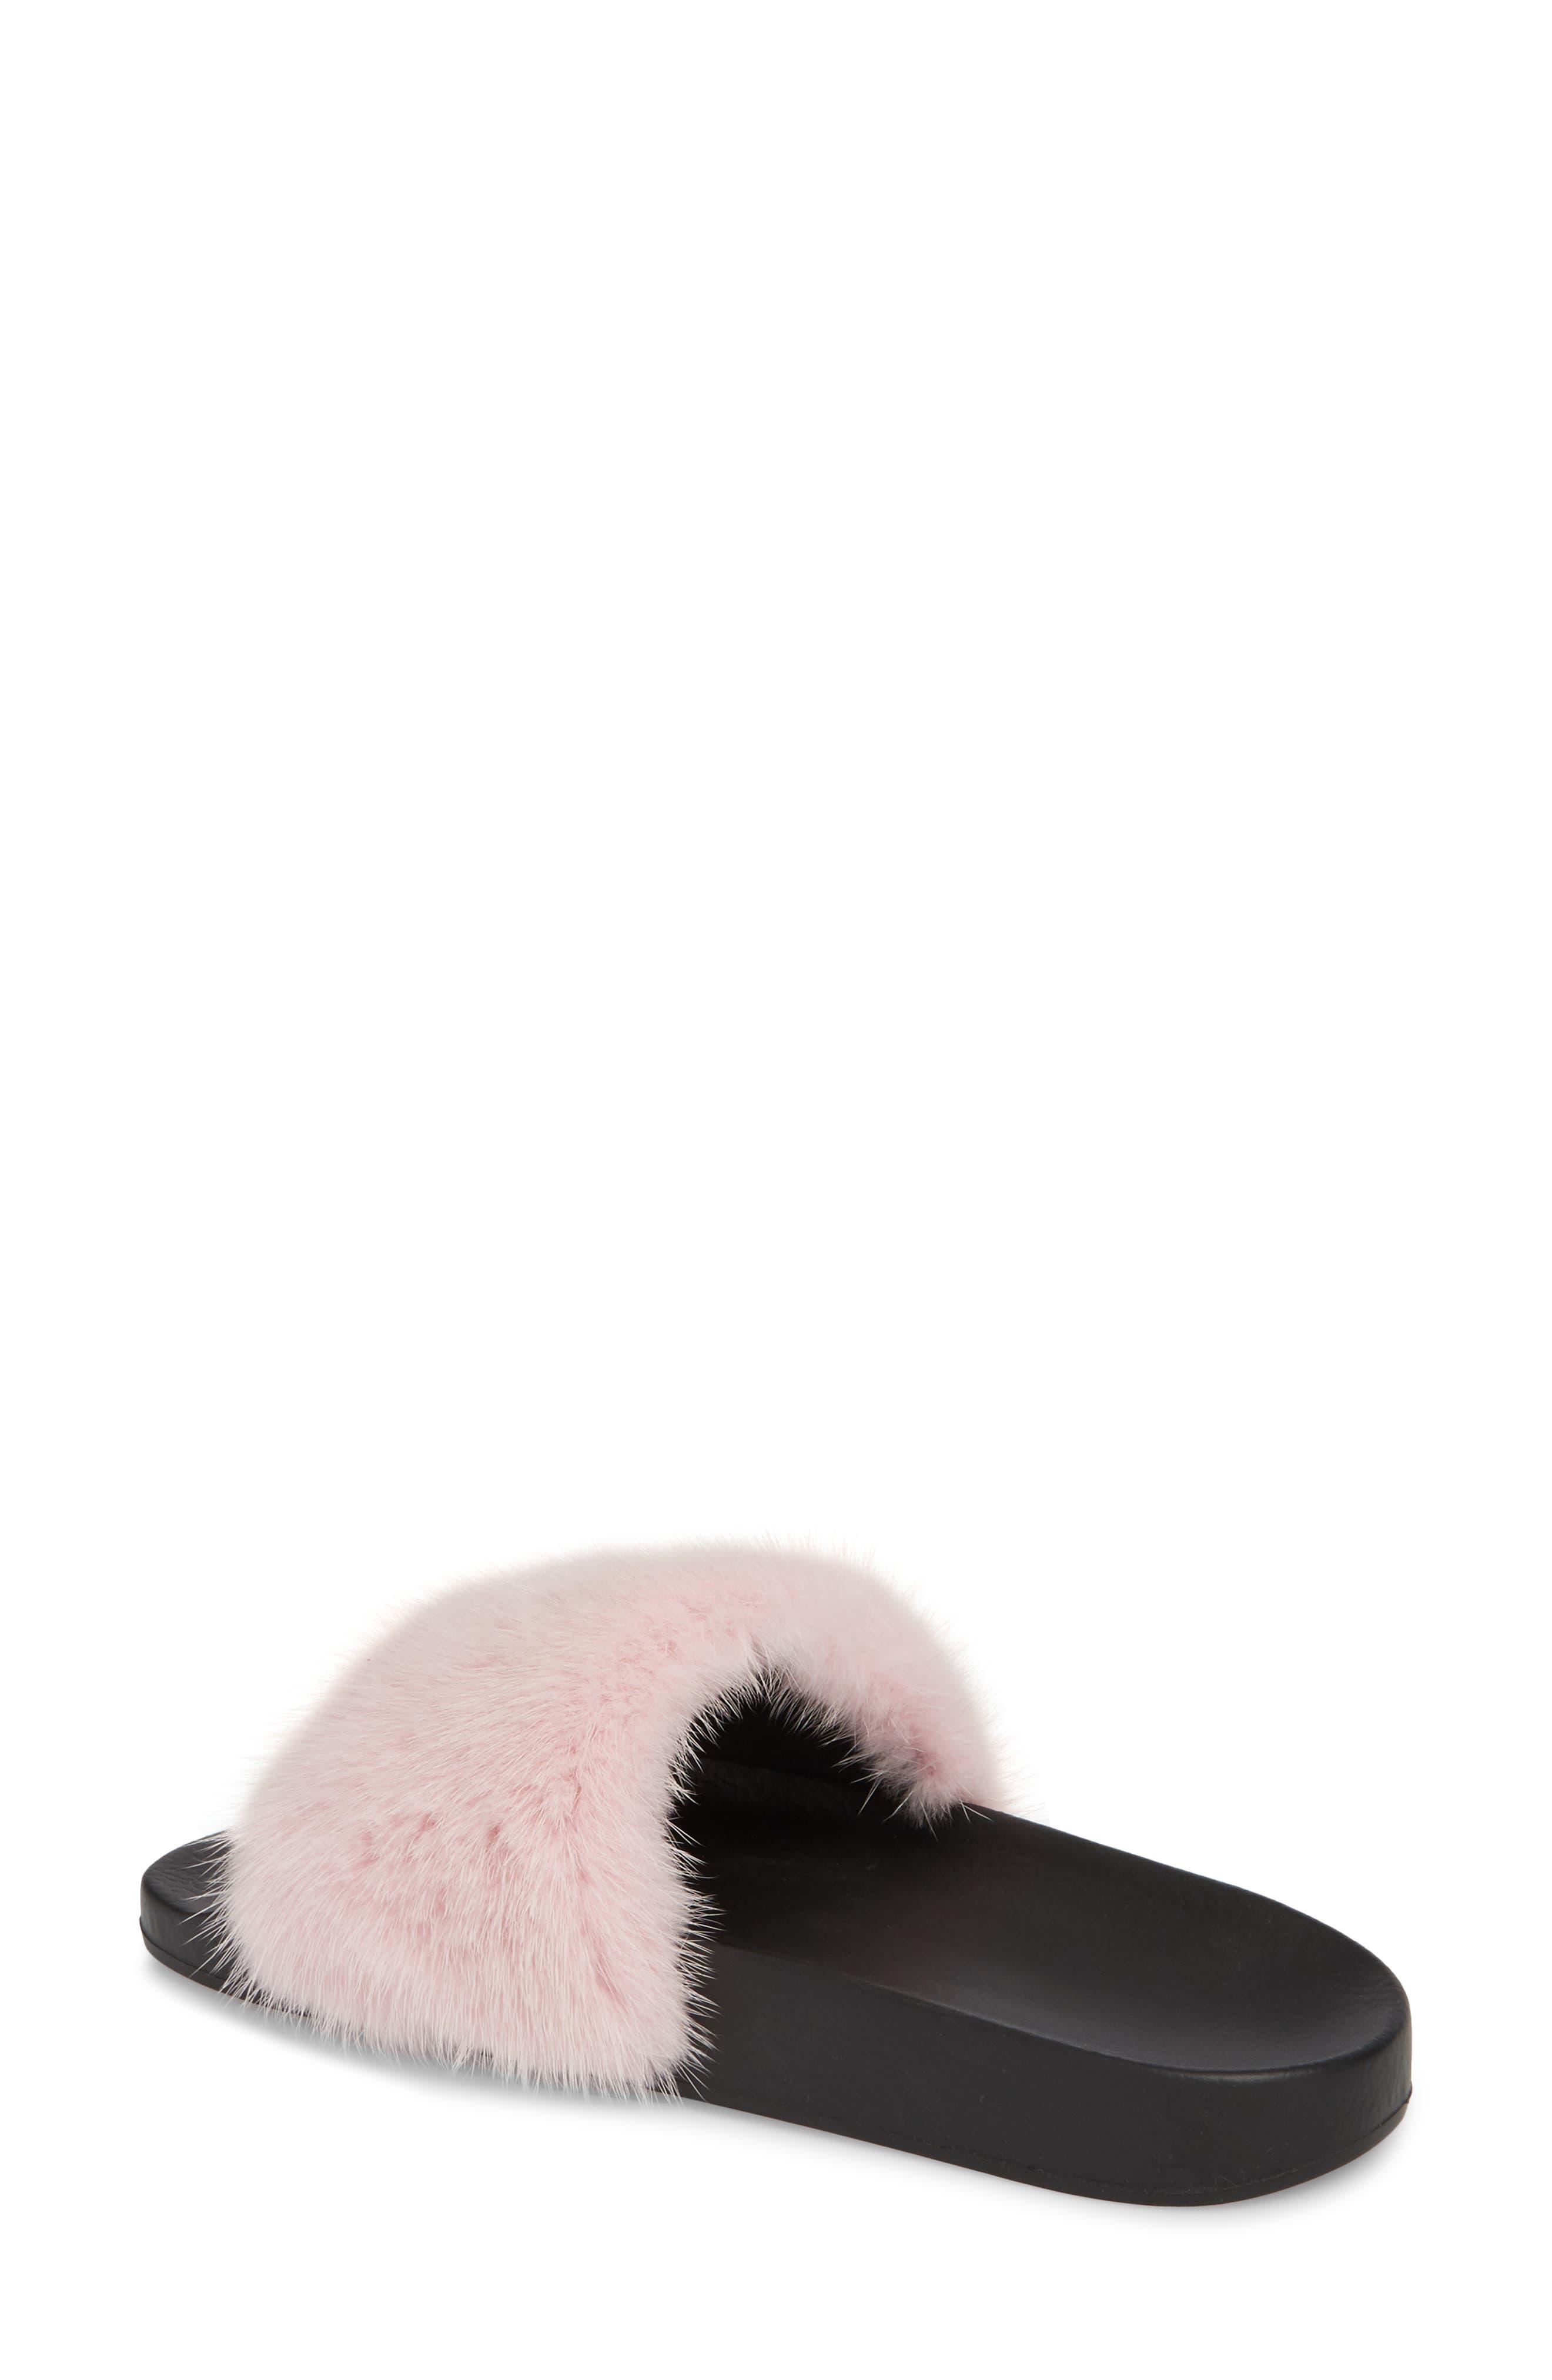 Alternate Image 2  - Givenchy Genuine Mink Fur Slide Sandal (Women)